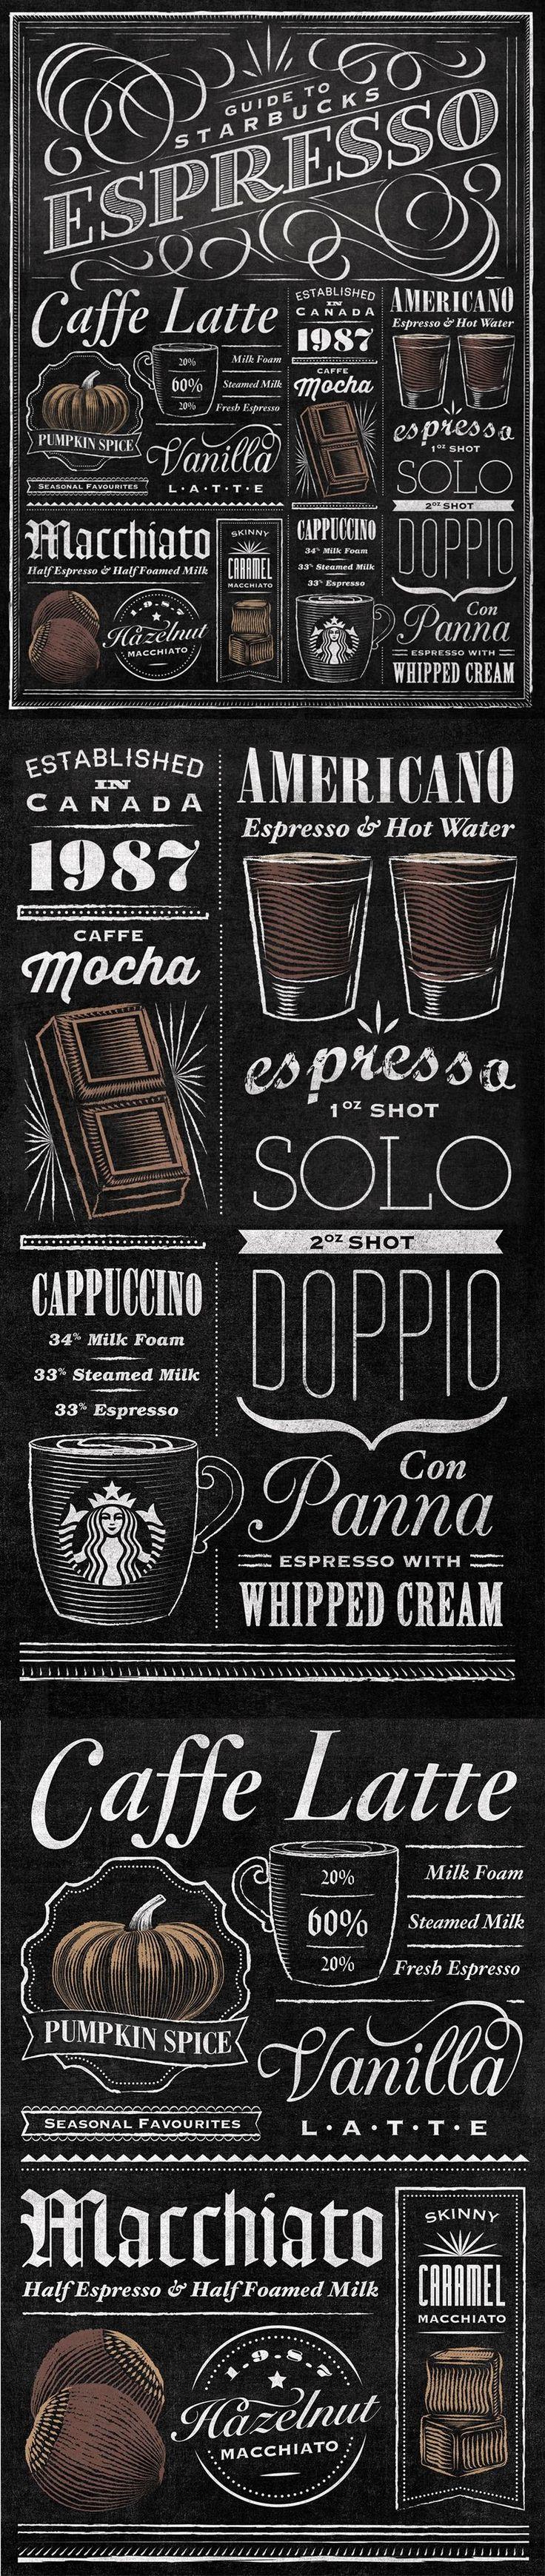 Infográficos relacionados a café sempre terão espaço aqui no words of leisure. Macchiato…Latte…Mocha…Vida. By….Starbucks? Vi no Pinterest. Volto mais tarde   Ao som de Coldplay – Magic …